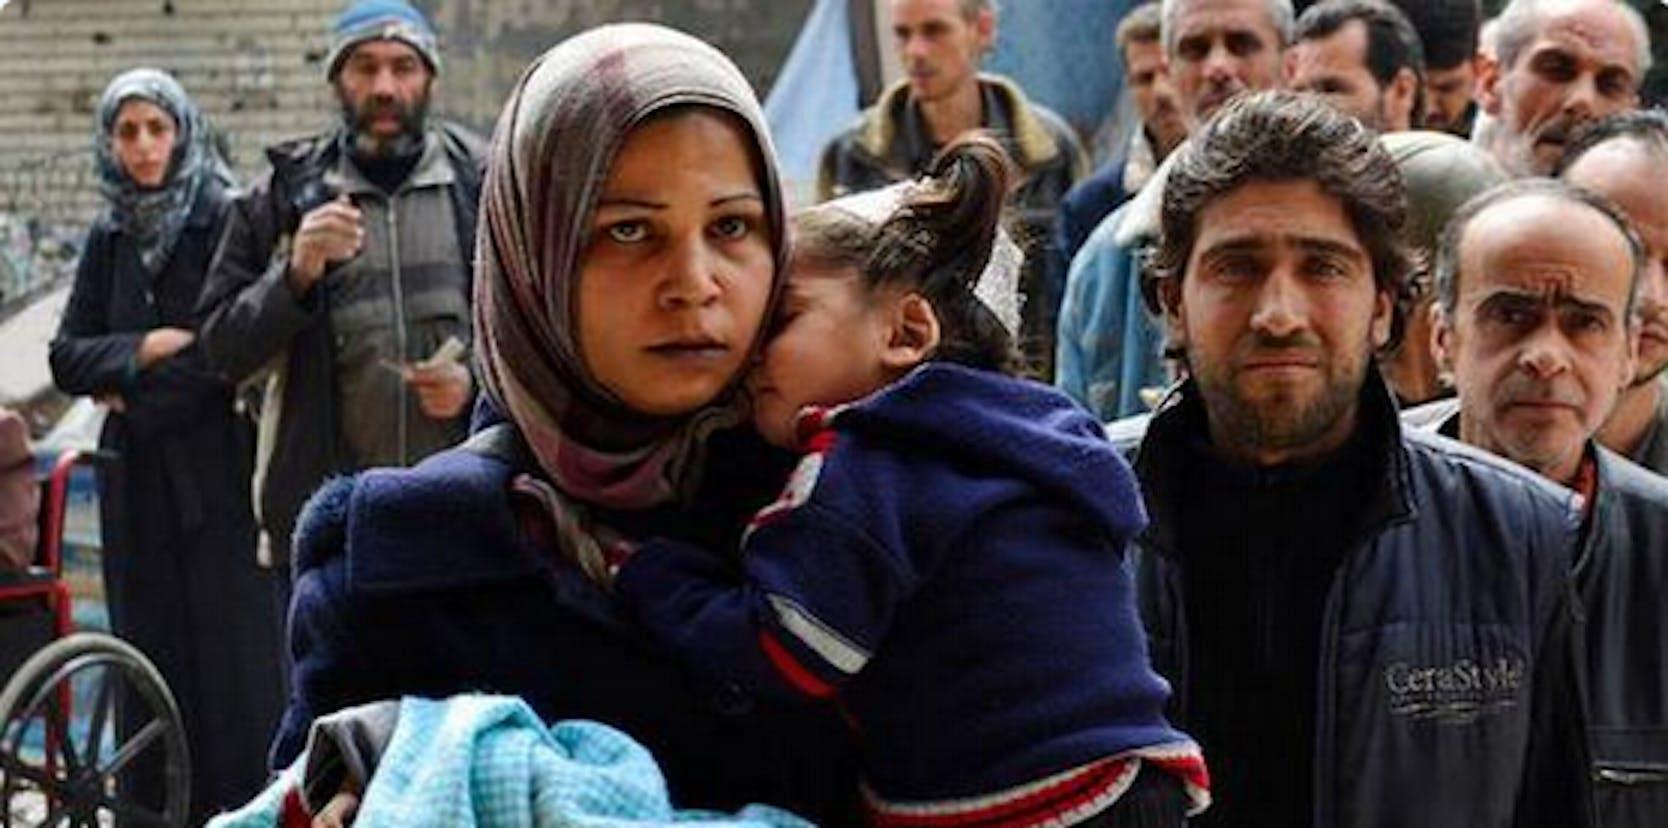 Civili palestinesi nel campo profughi di Yarmouk, nei pressi di Damasco (Siria) - ©Reuters